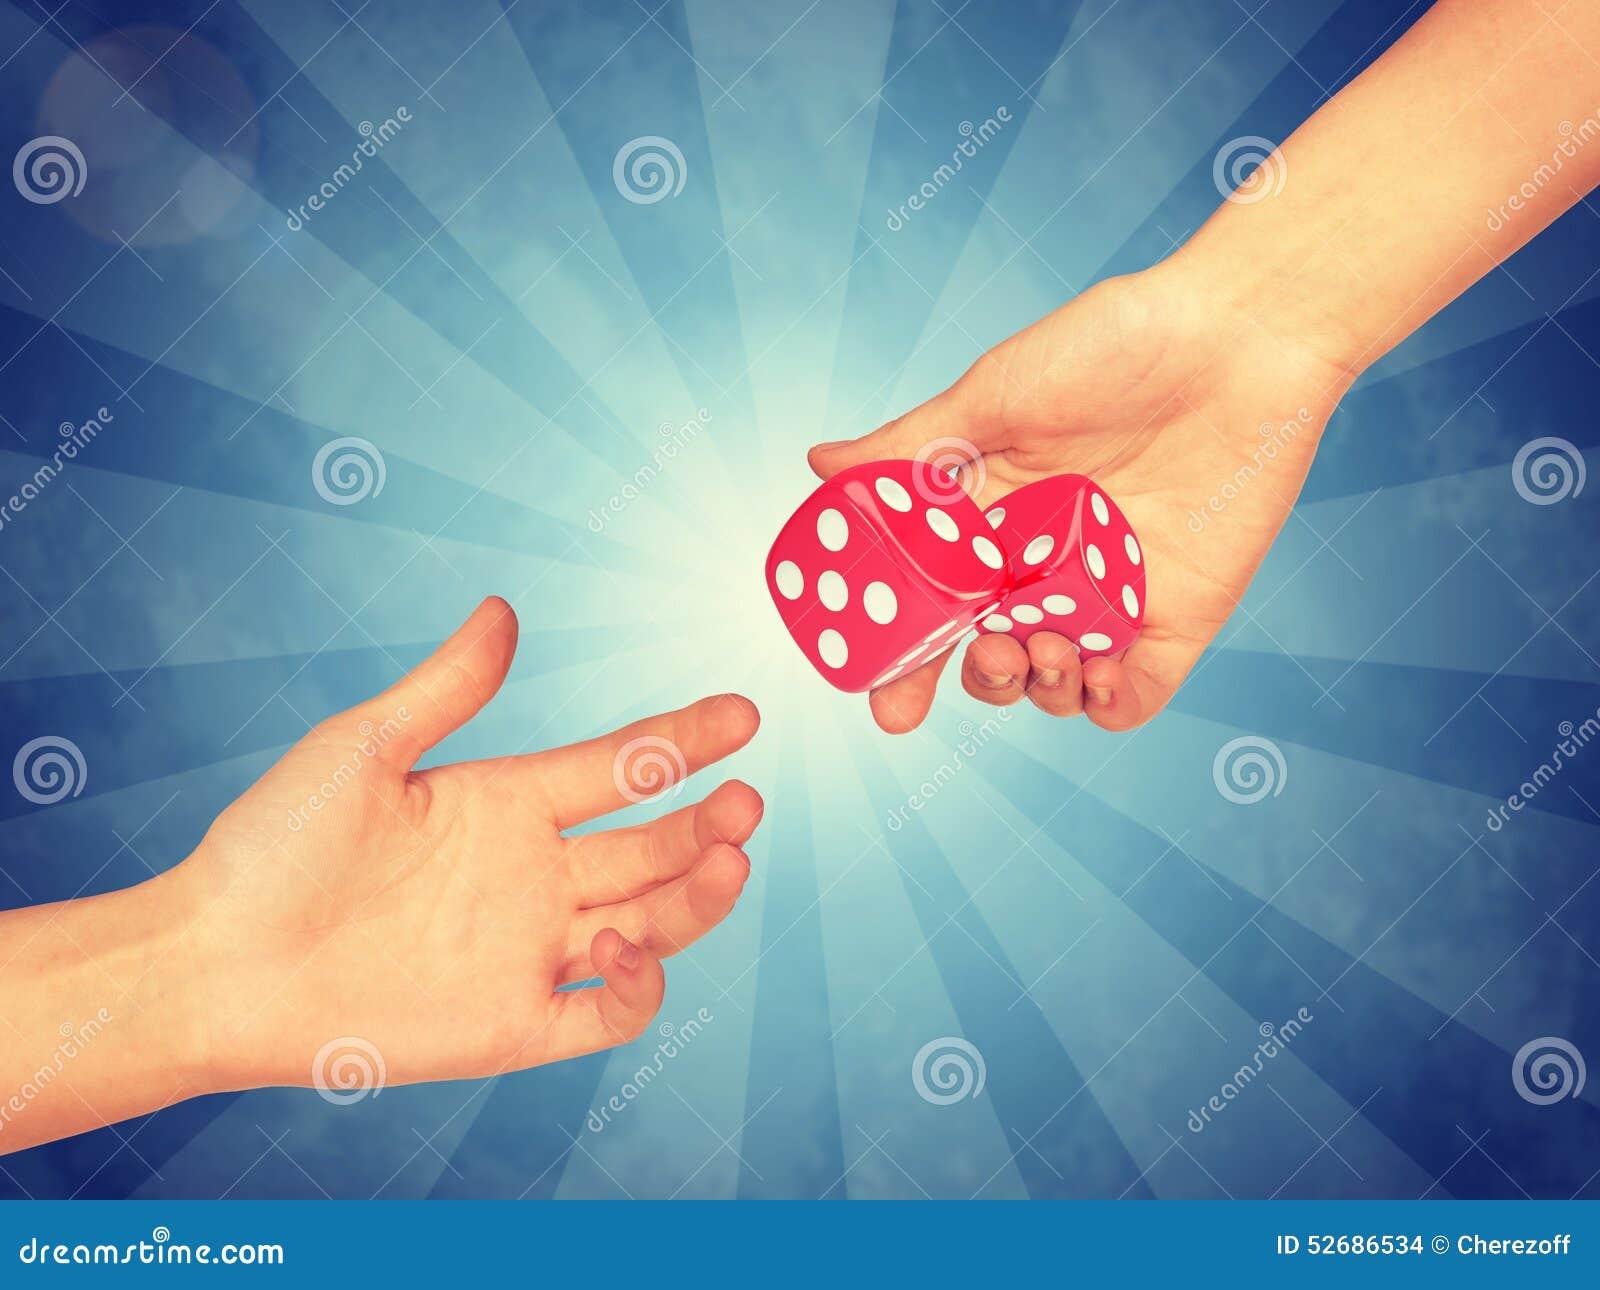 Hand passing pink bones